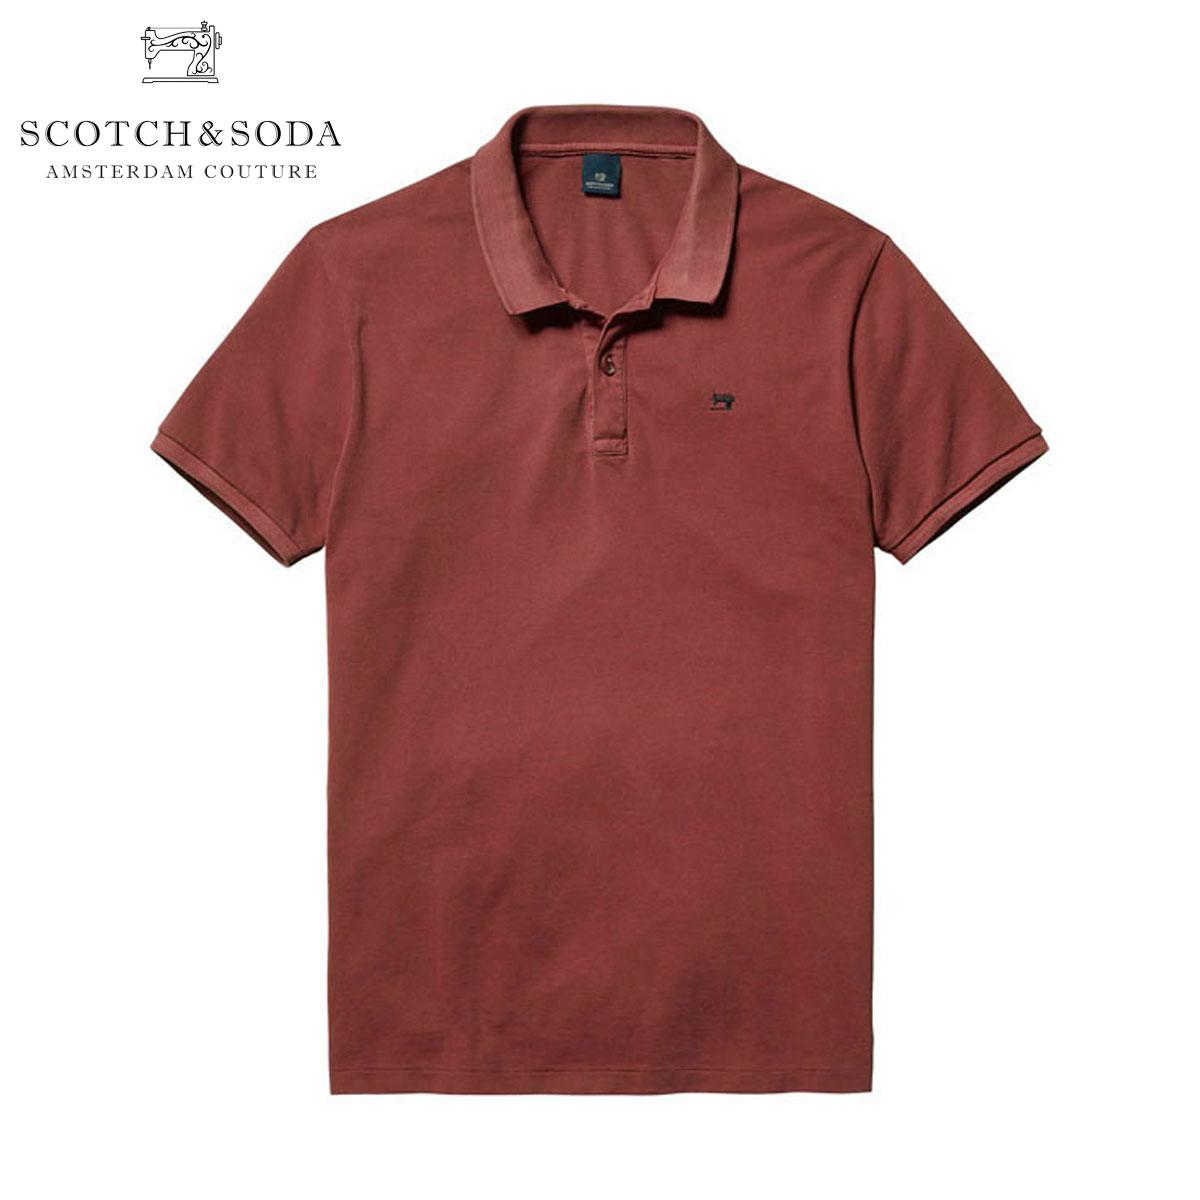 【ポイント10倍 4/21 10:00〜4/24 09:59まで】 スコッチアンドソーダ SCOTCH&SODA 正規販売店 メンズ ポロシャツ Classic garment dyed pique polo 130891 45